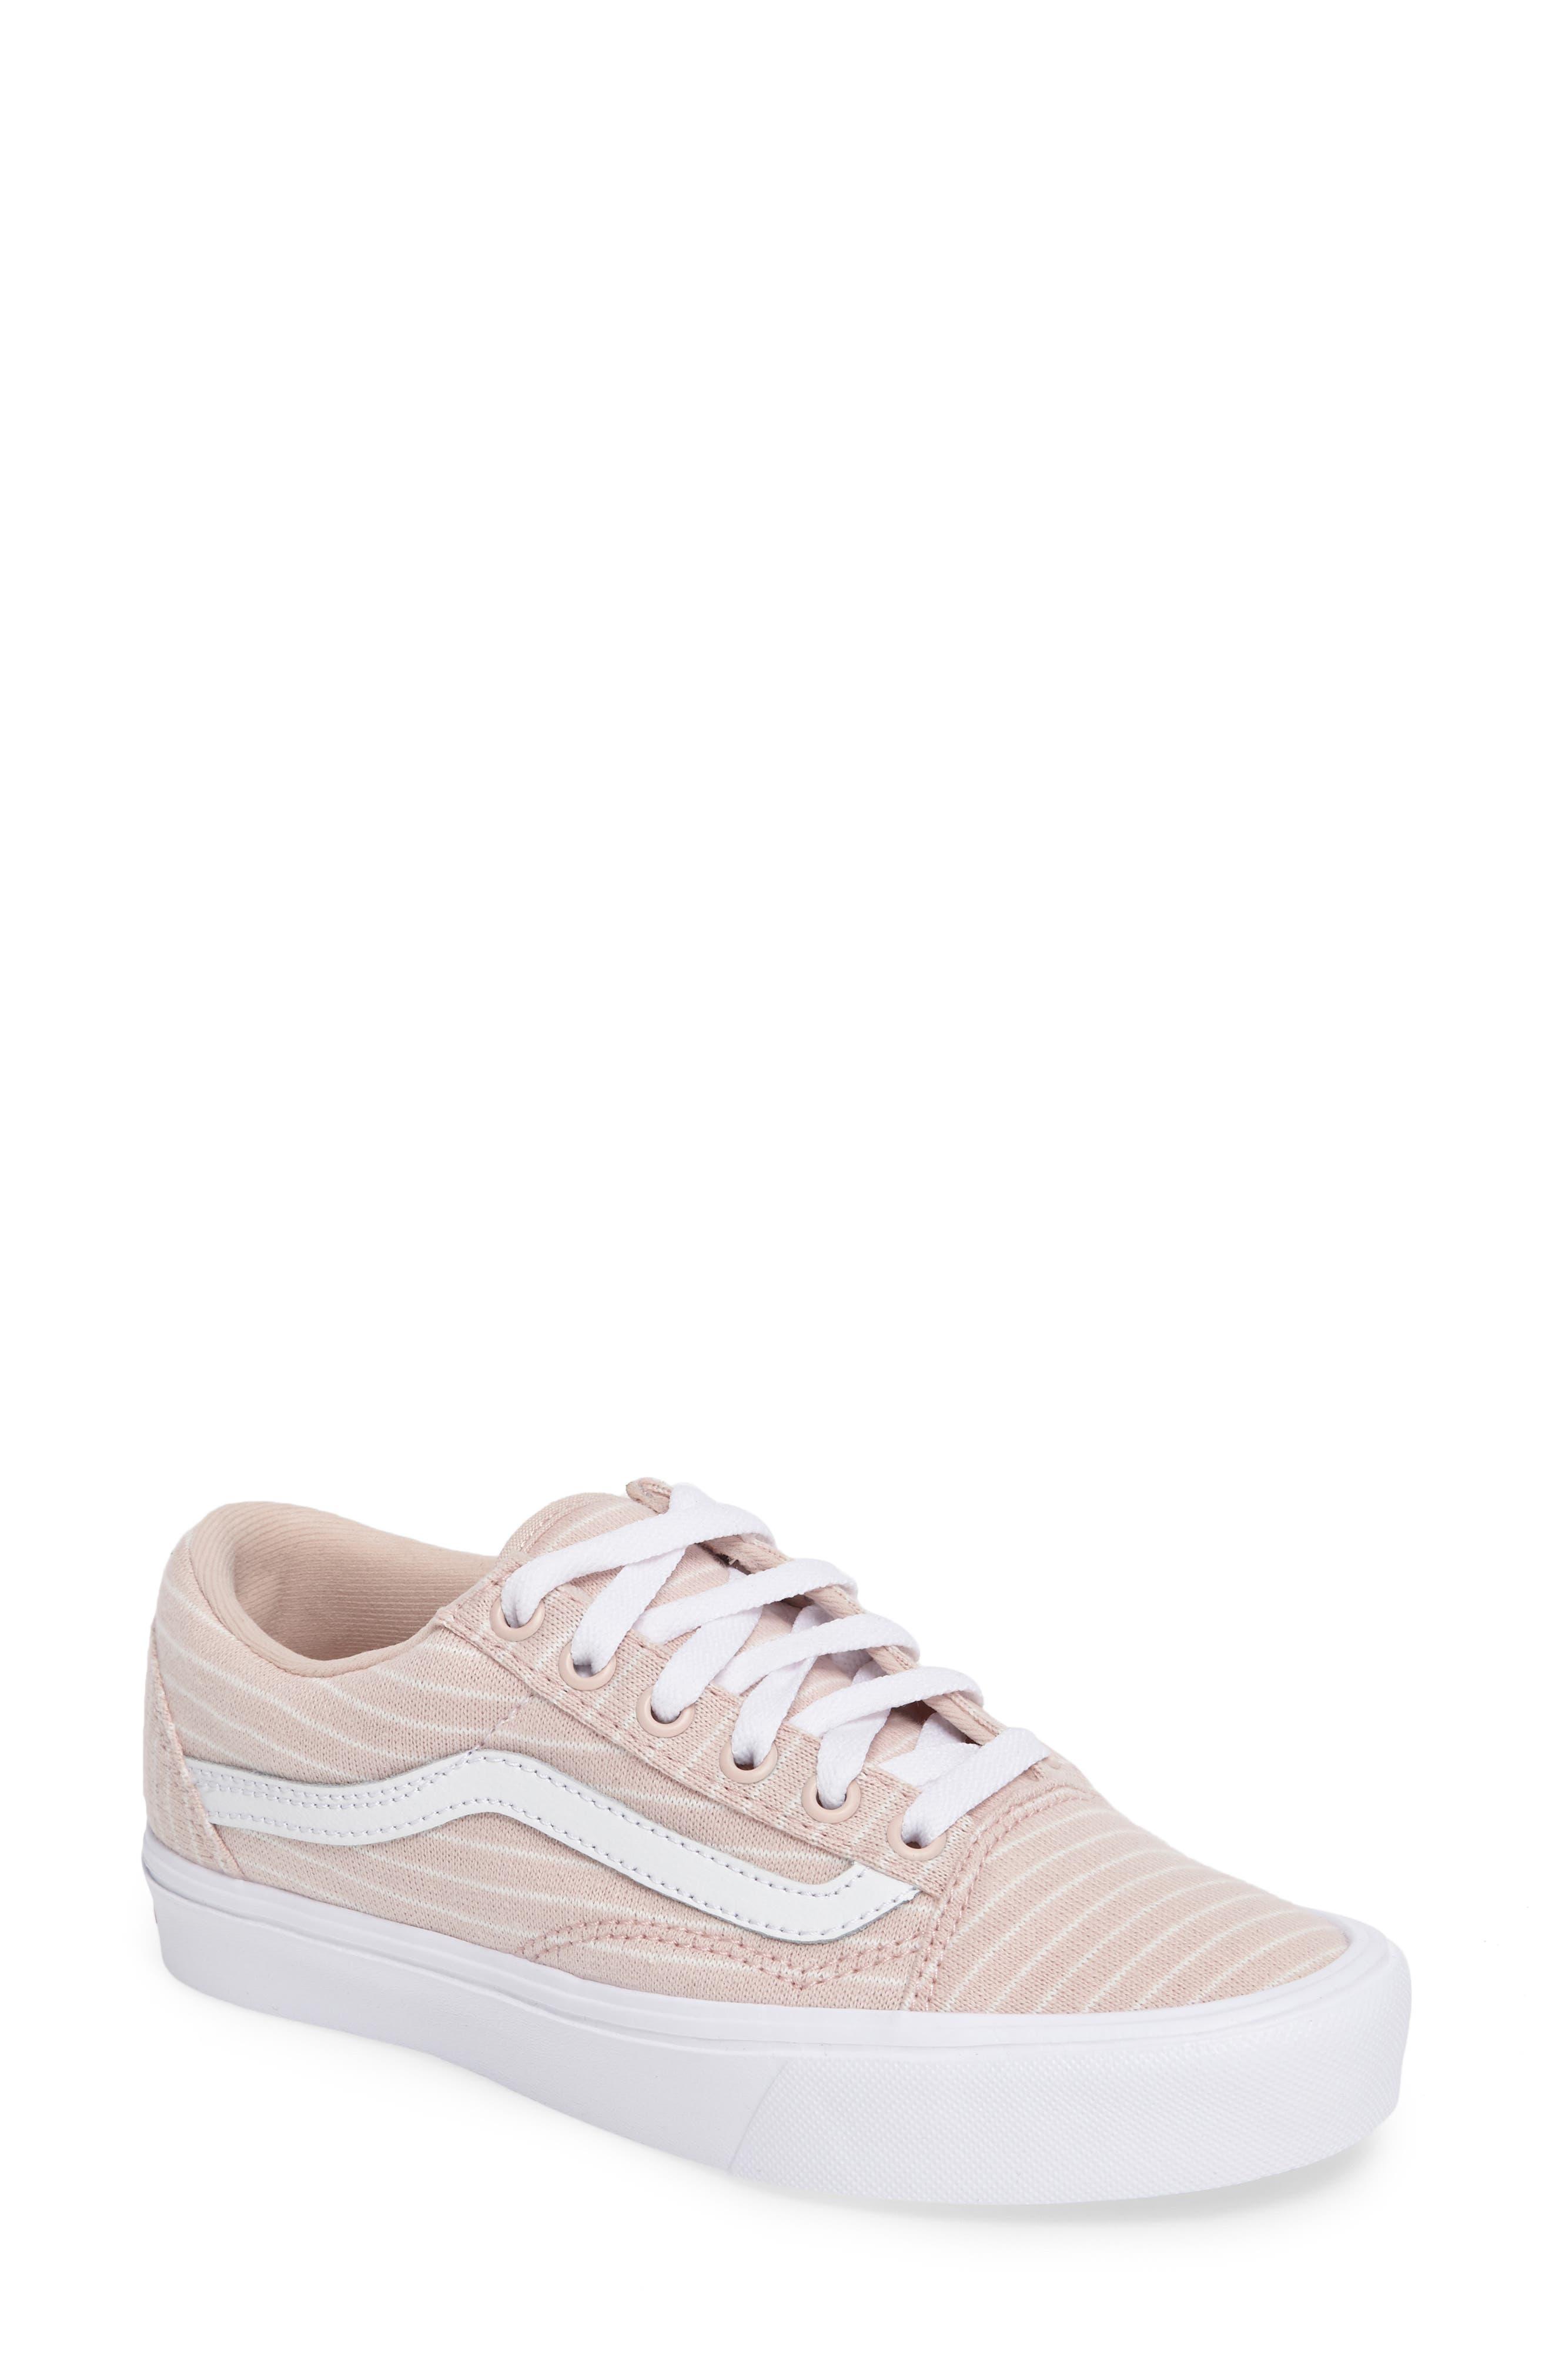 Vans Old Skool Lite Stripe Sneaker (Women)